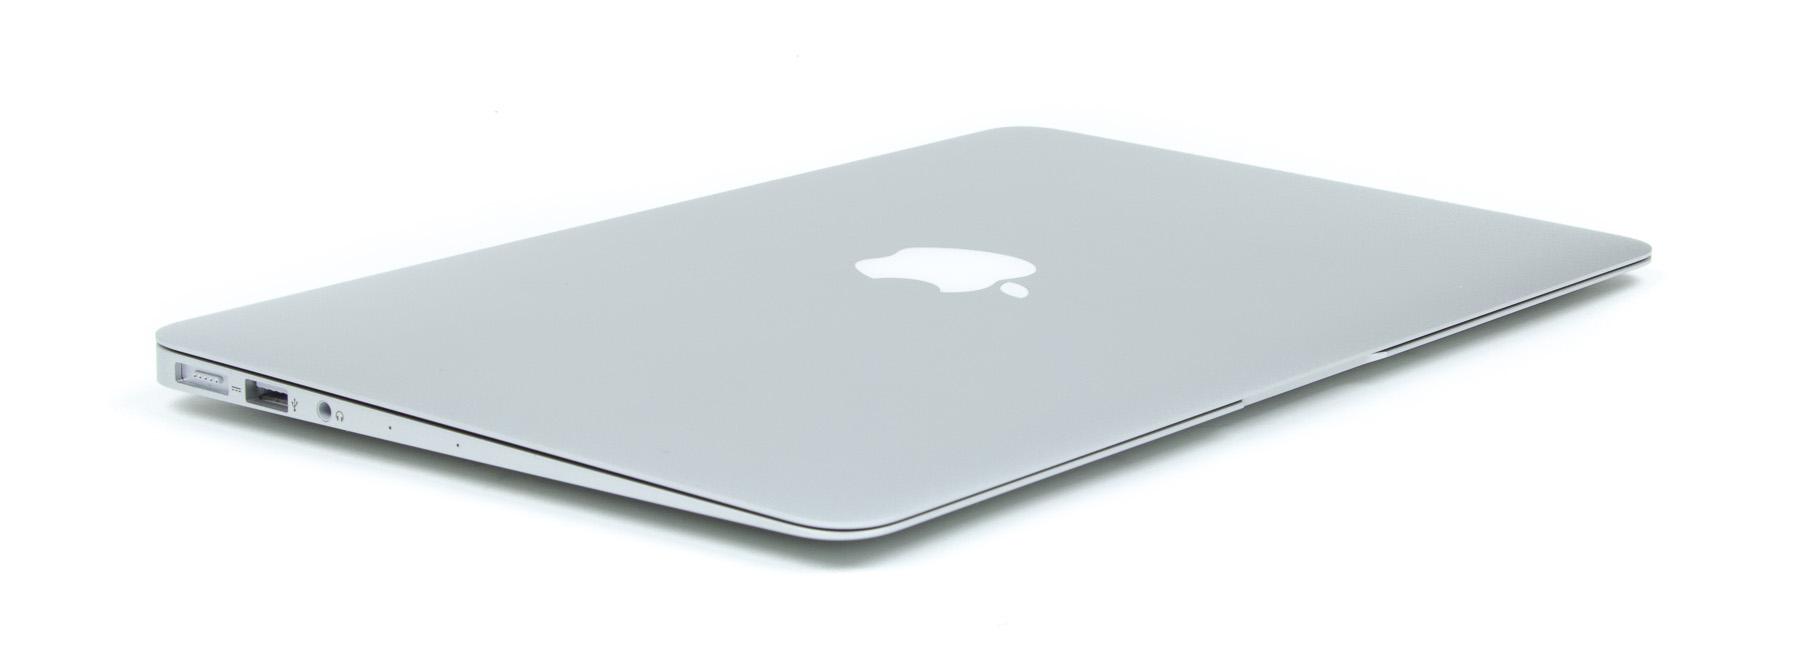 Goedkopere MacBook Air volgt in tweede kwartaal 2018, zegt analist